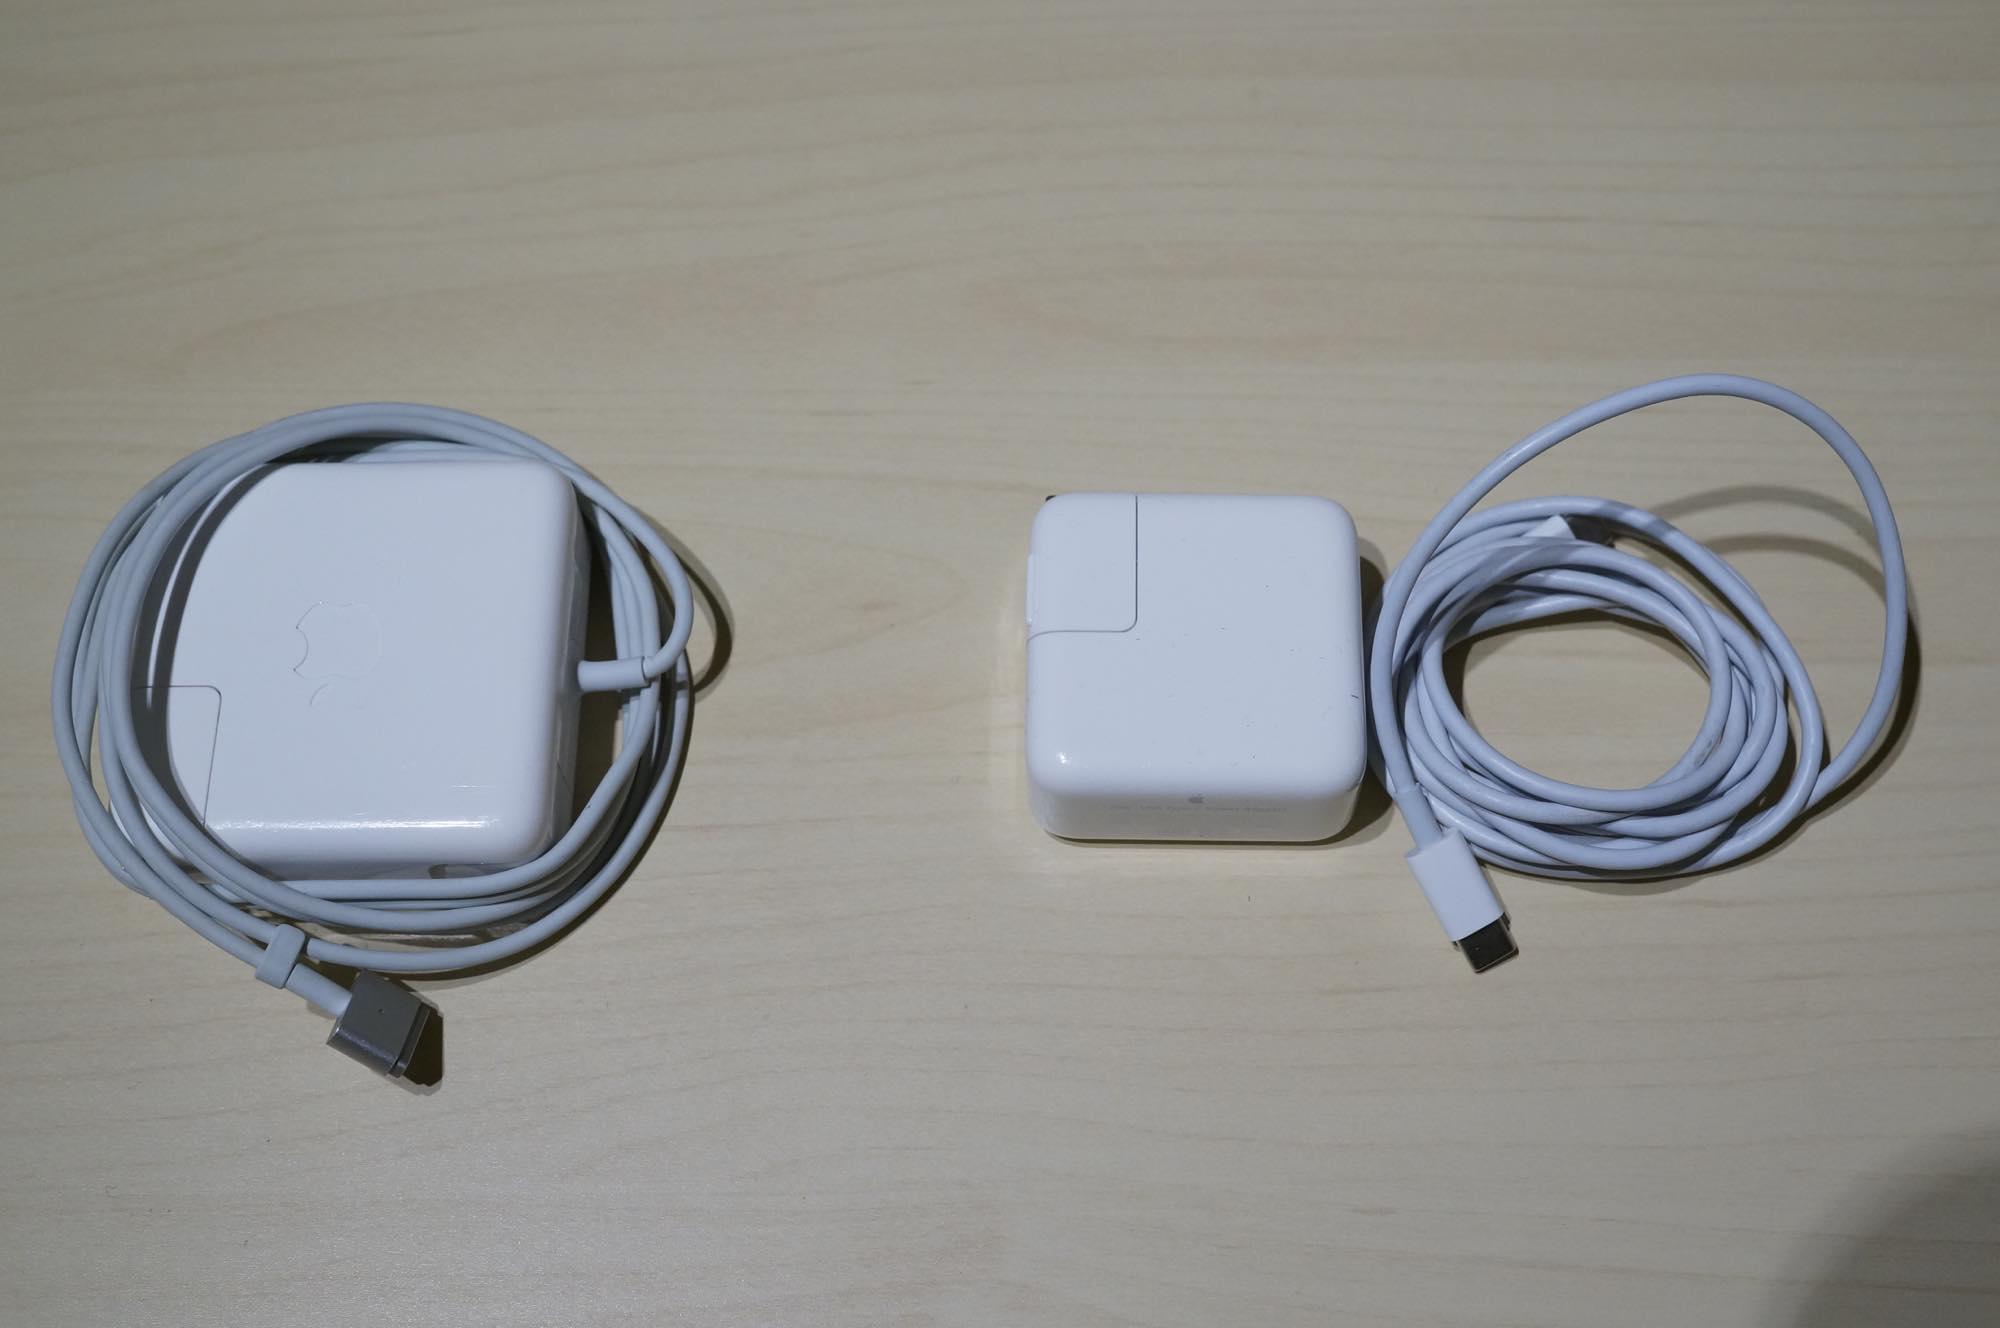 Macbook-mbp139